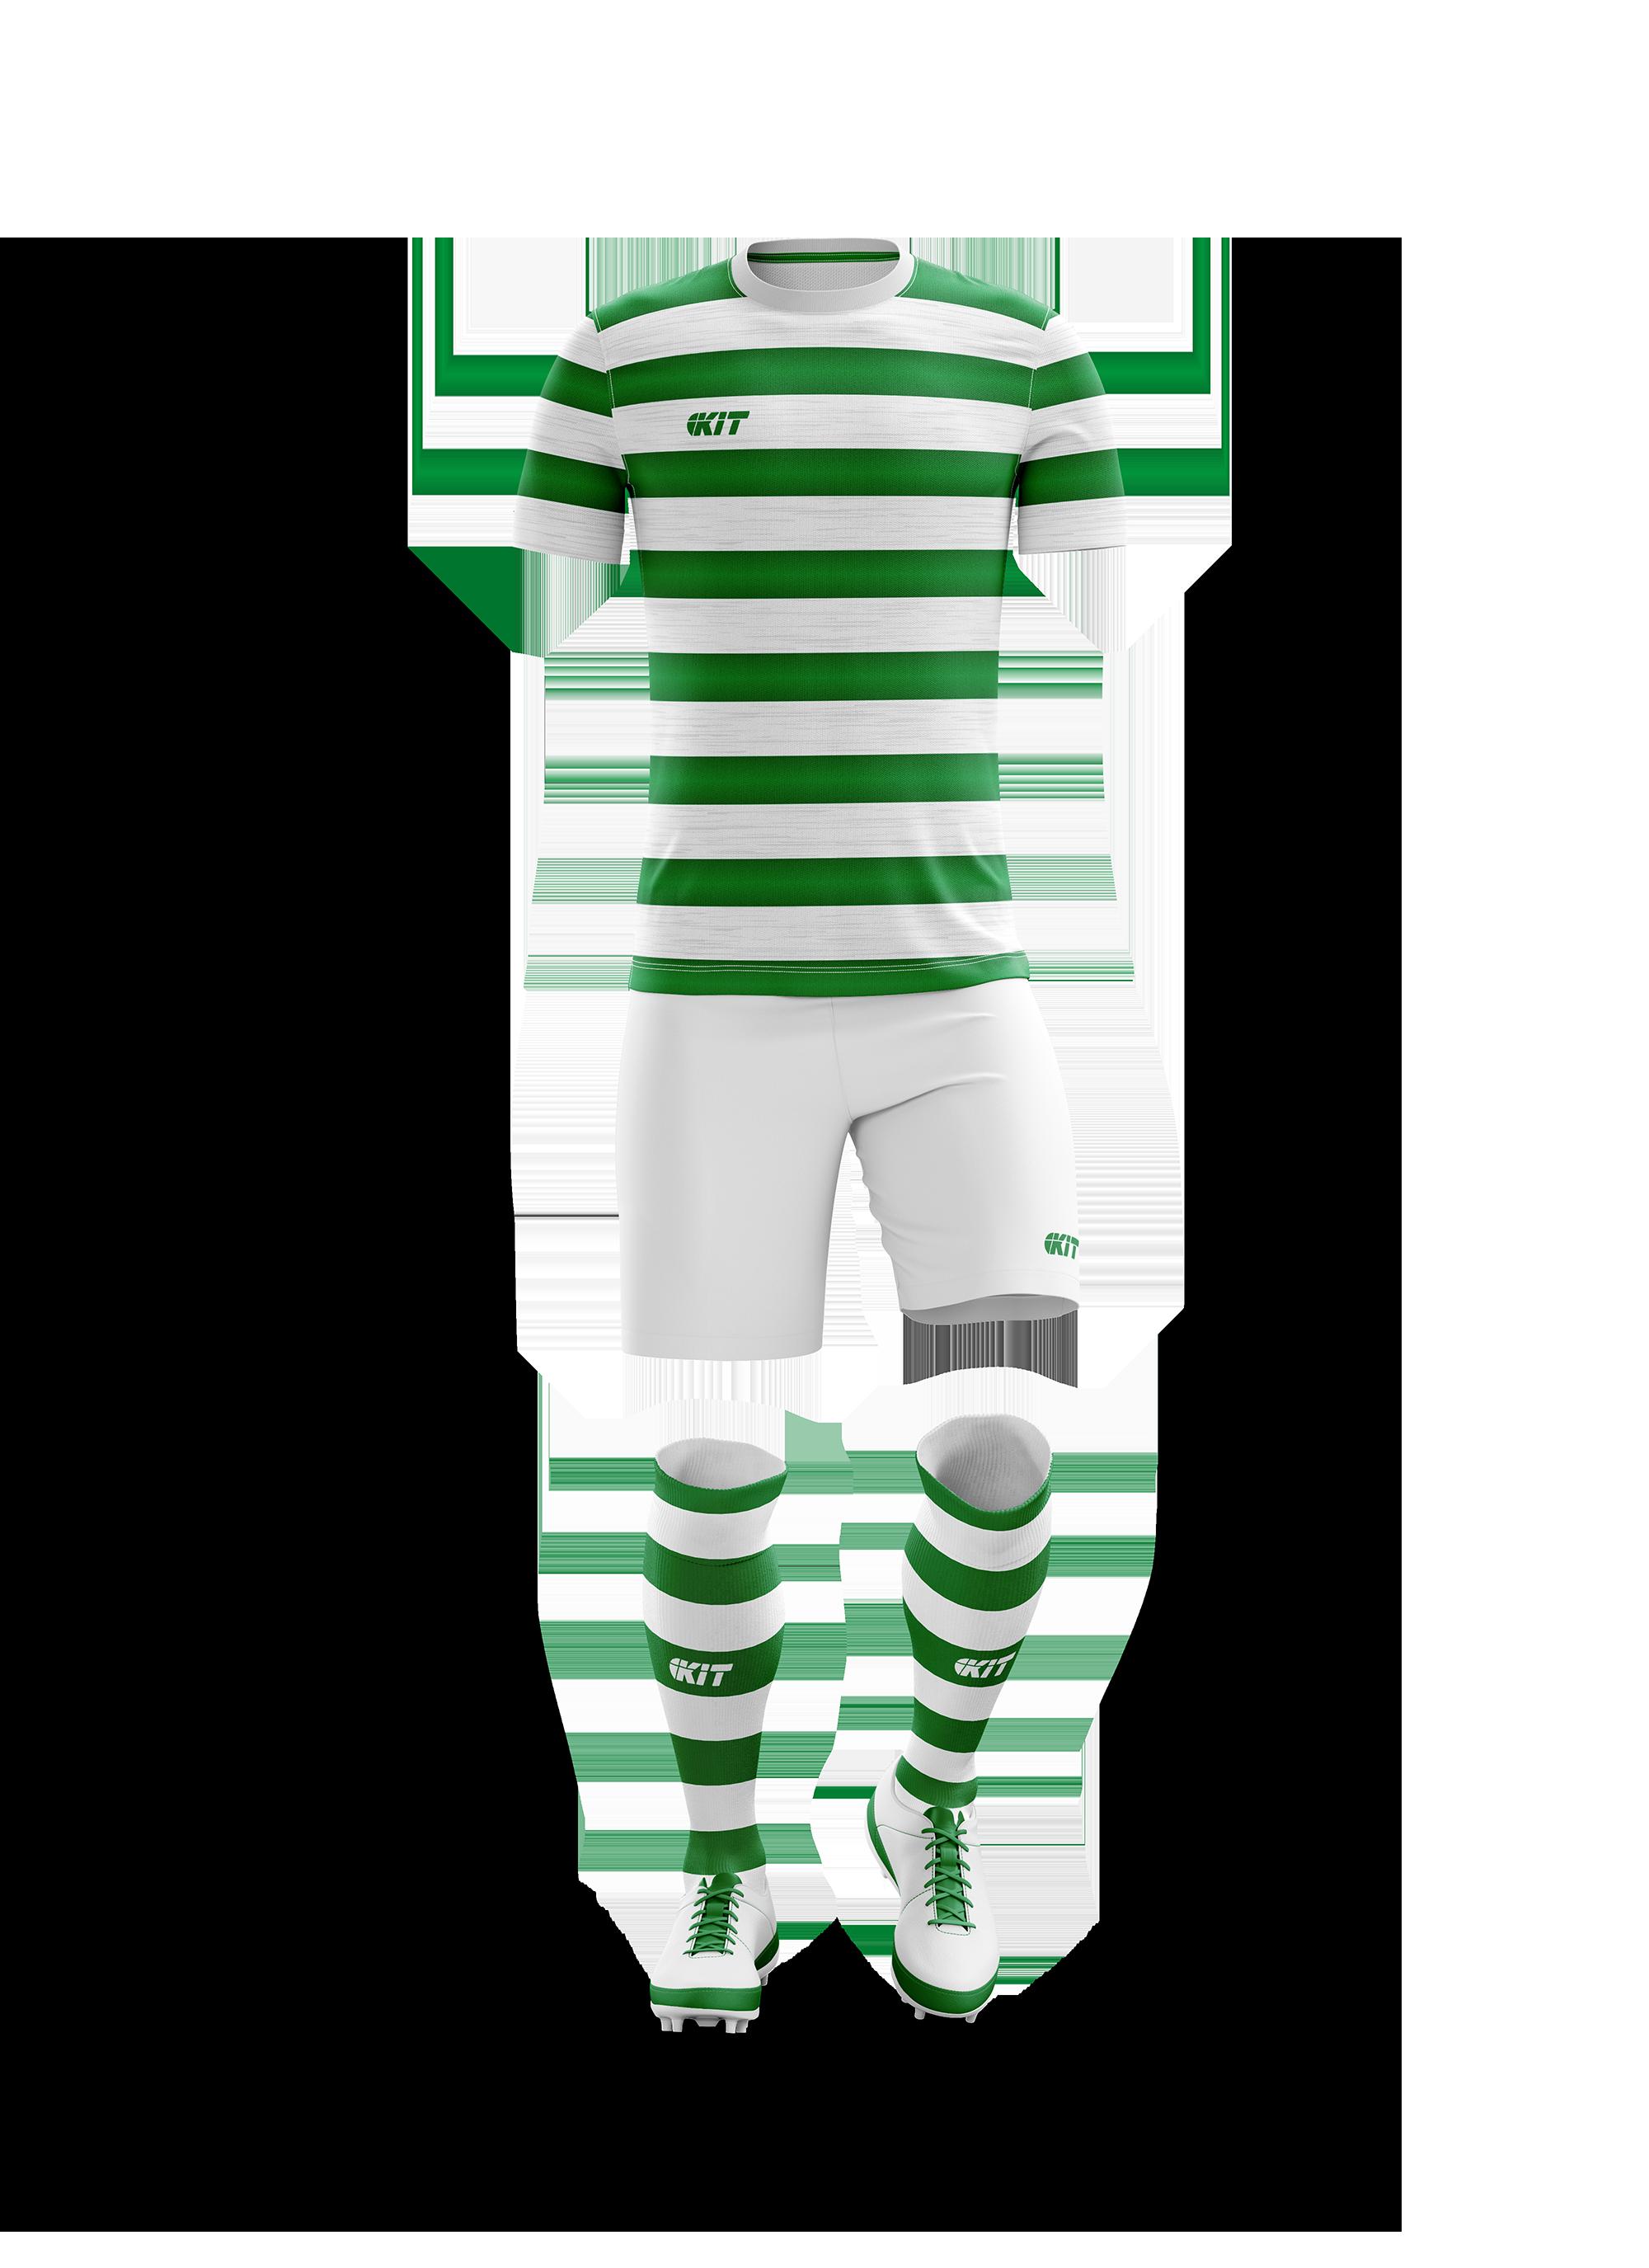 Football kit 3